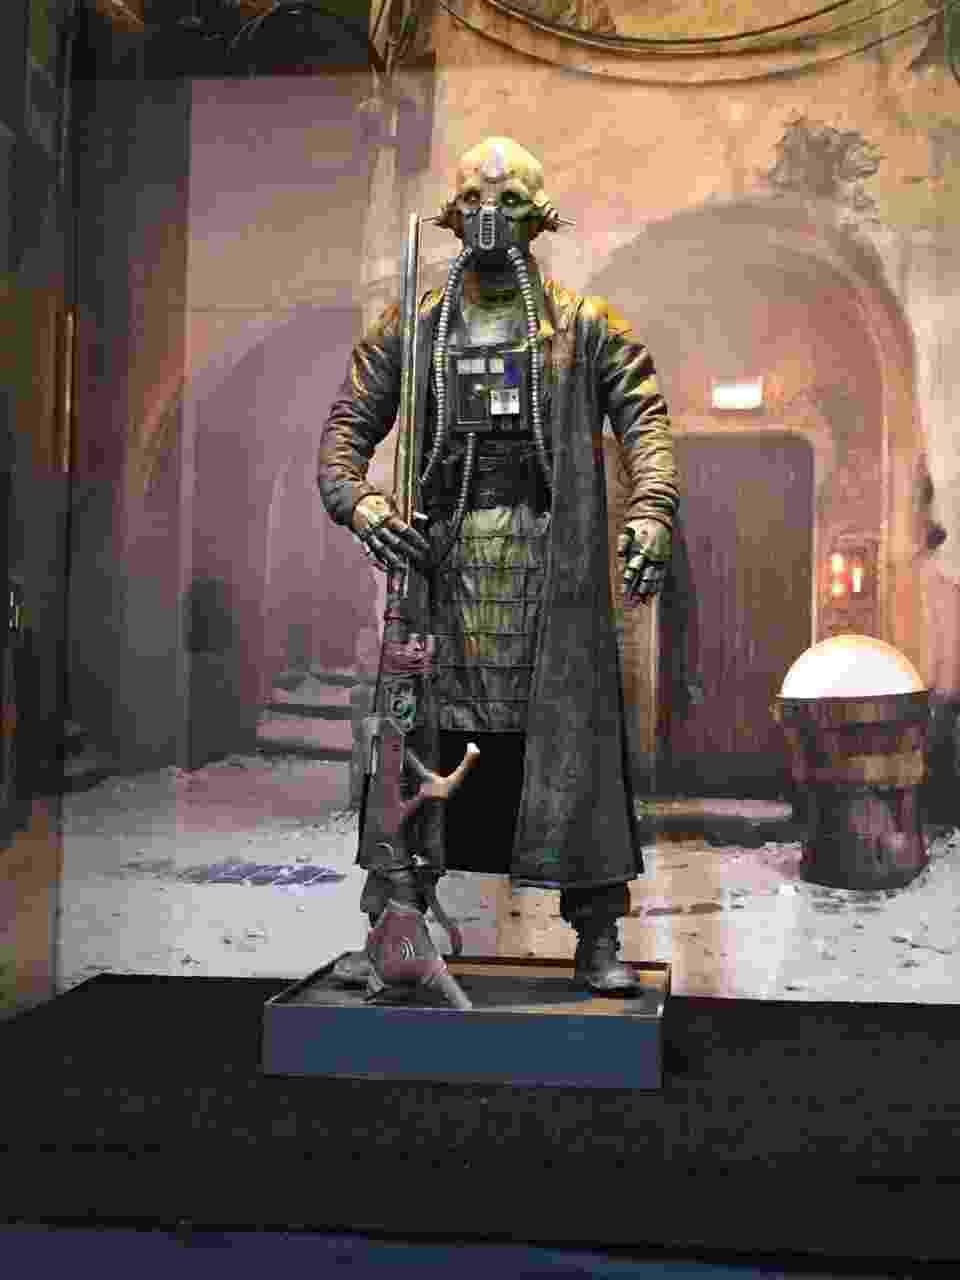 """20.jul.2016 - Edrio Two Tubes, novo personagem que será introduzido em """"Rogue One - Uma História Star Wars"""", foi apresentado pela primeira a San Diego Comic-Con 2016 - Felipe Branco Cruz /UOL"""